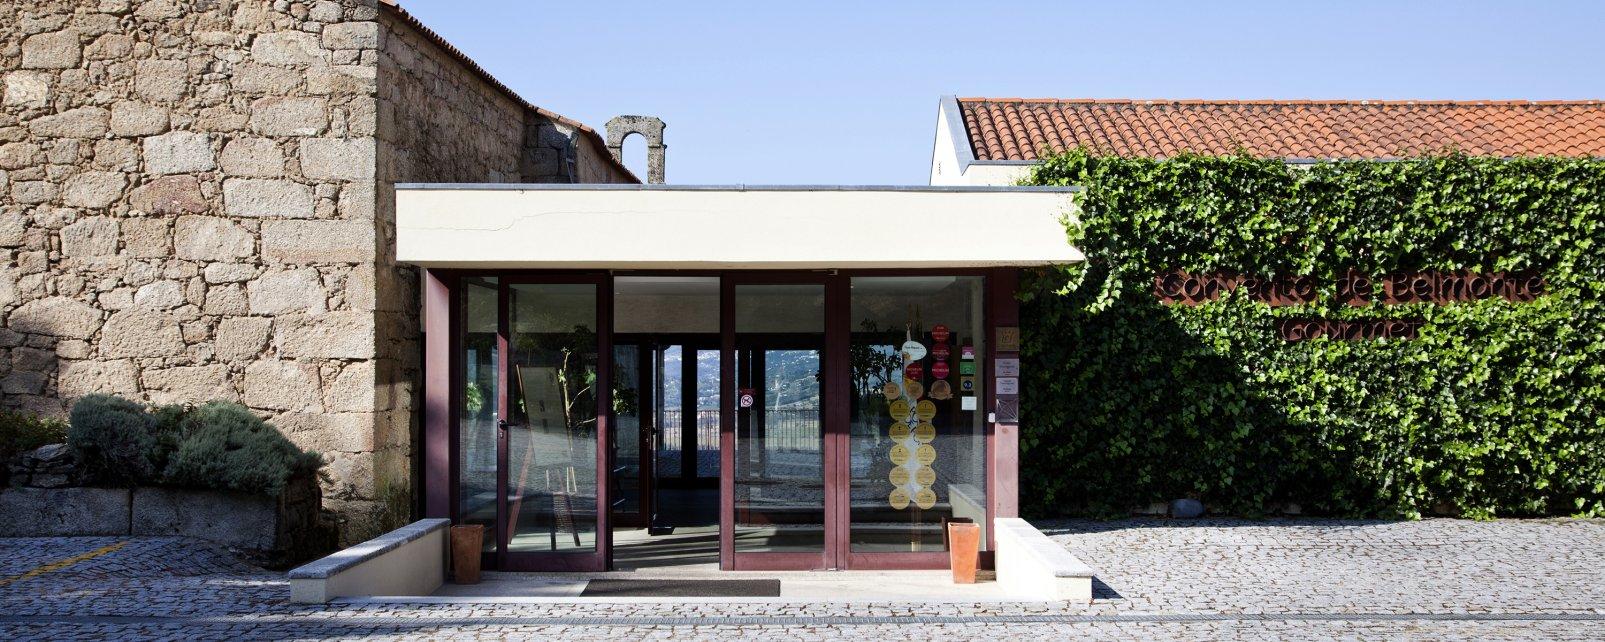 Hôtel Pousada de Belmonte